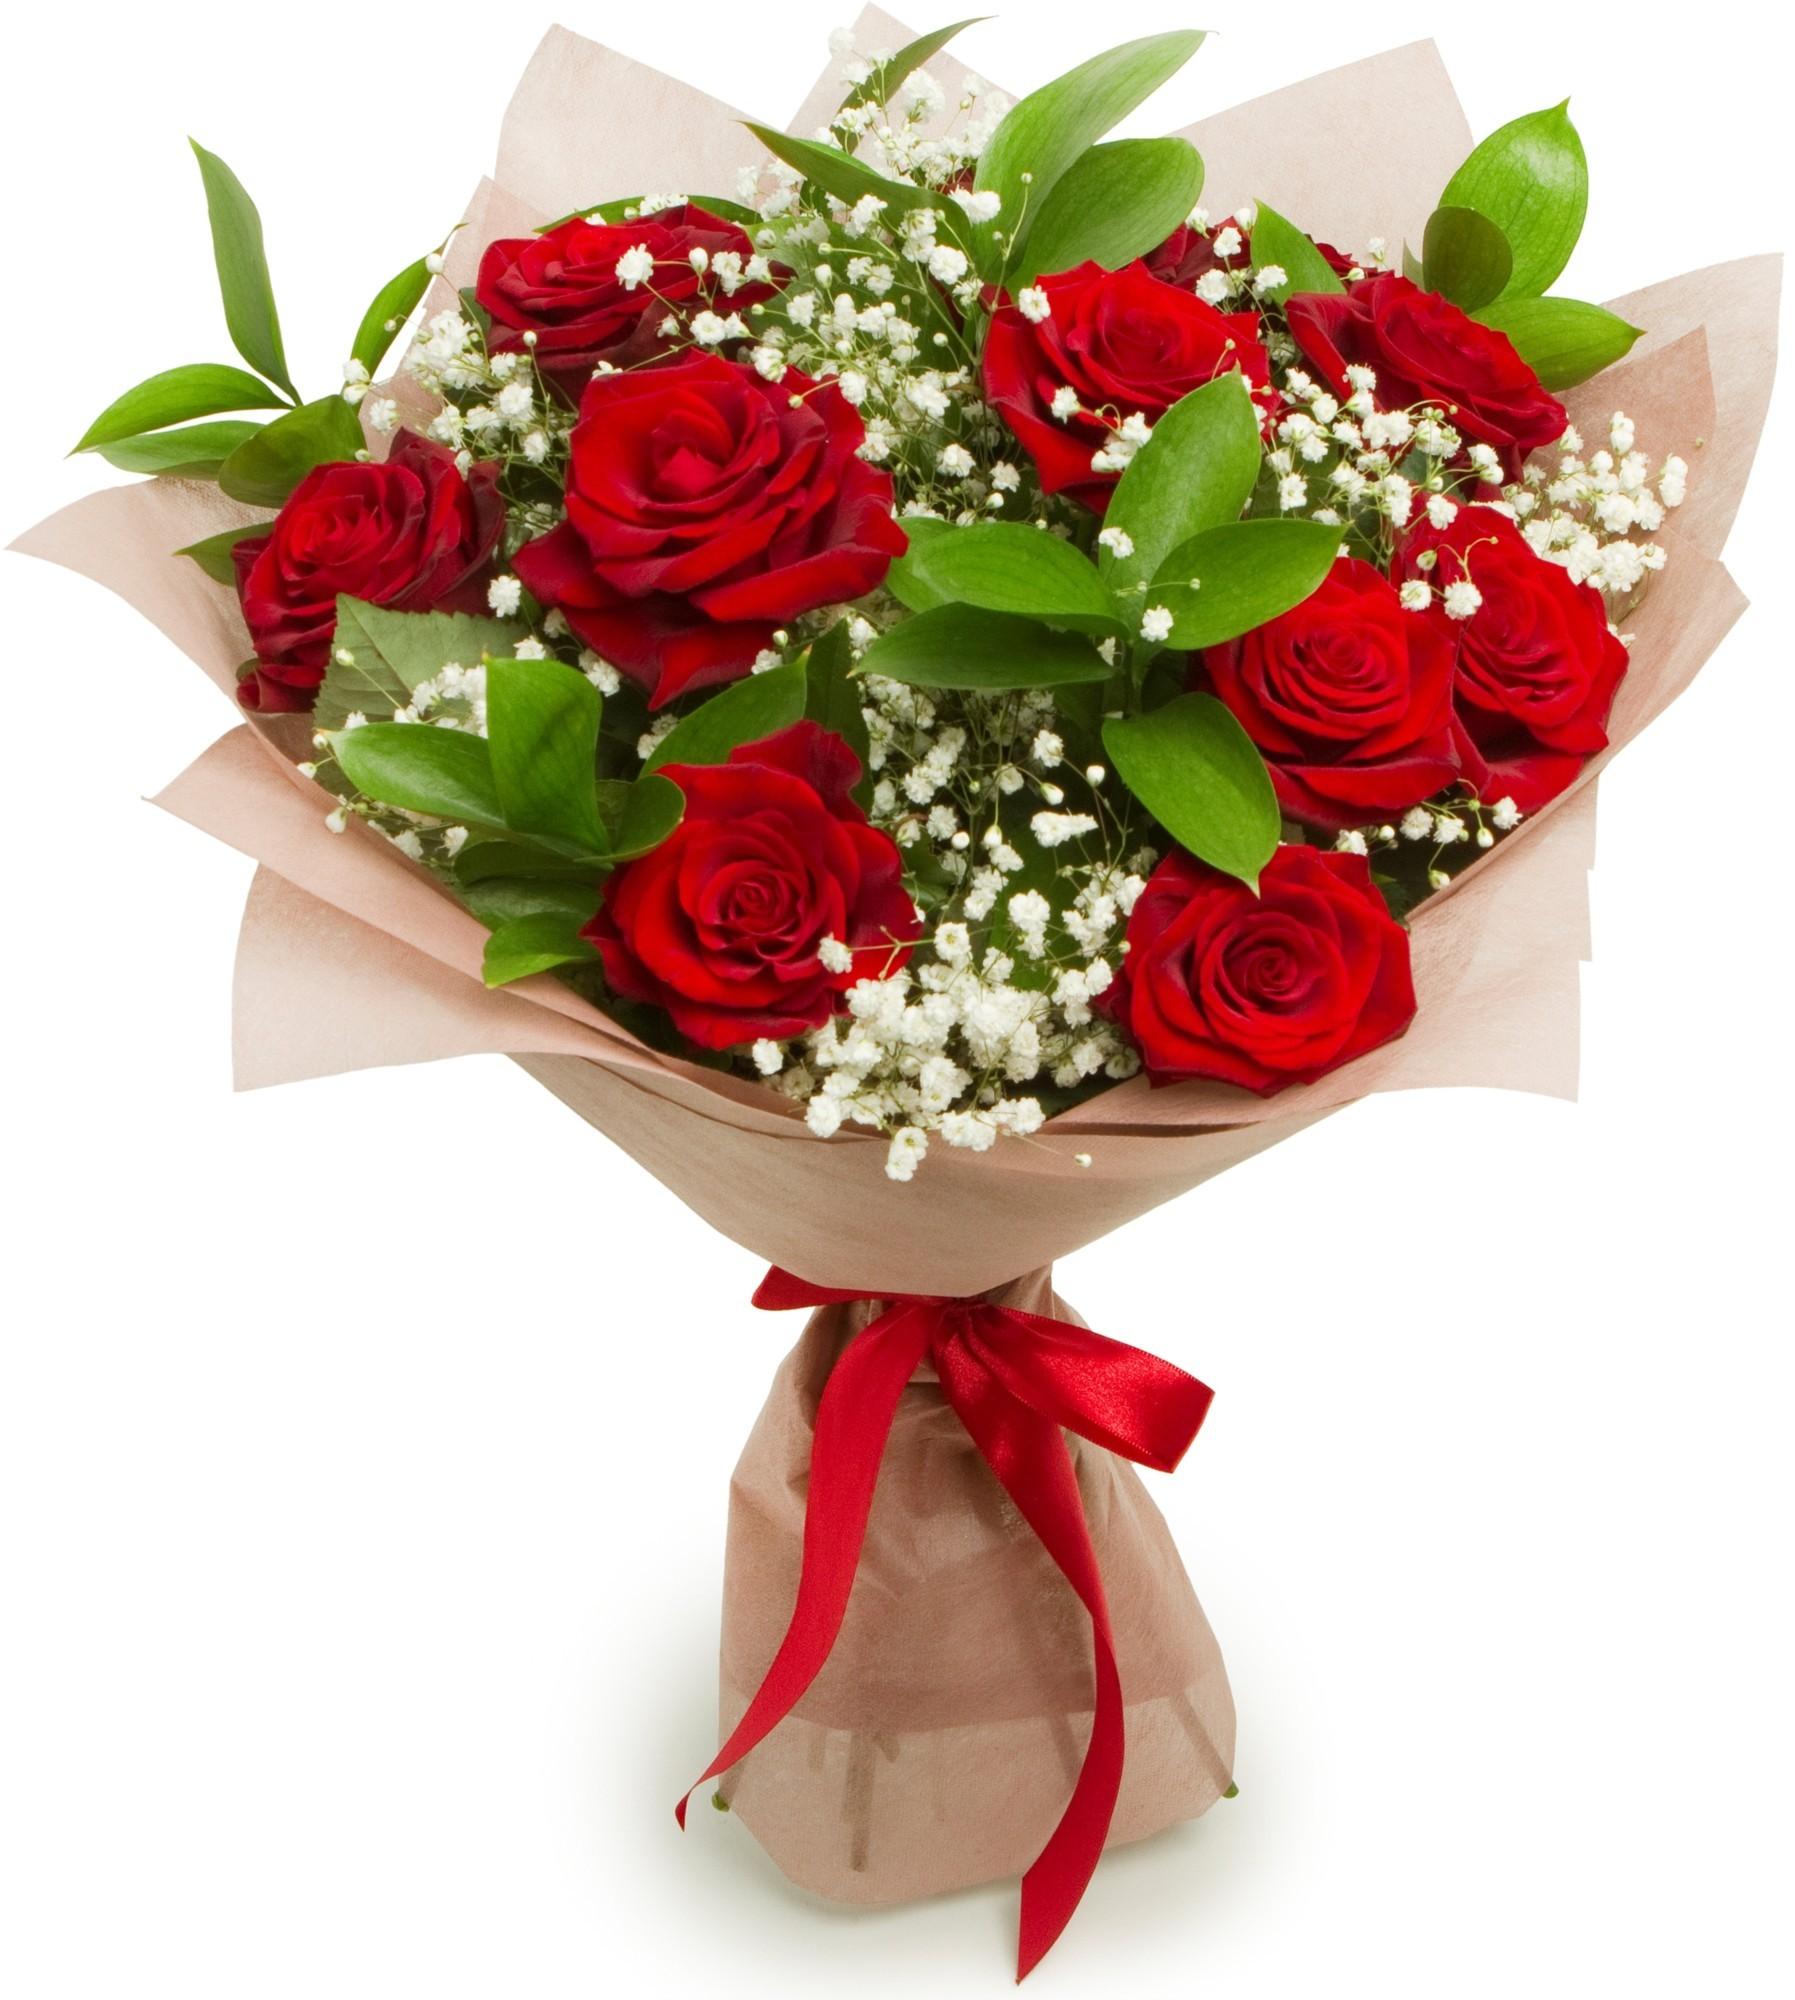 Цветов, какие цветы подарить на день рождения подруге 12 лет